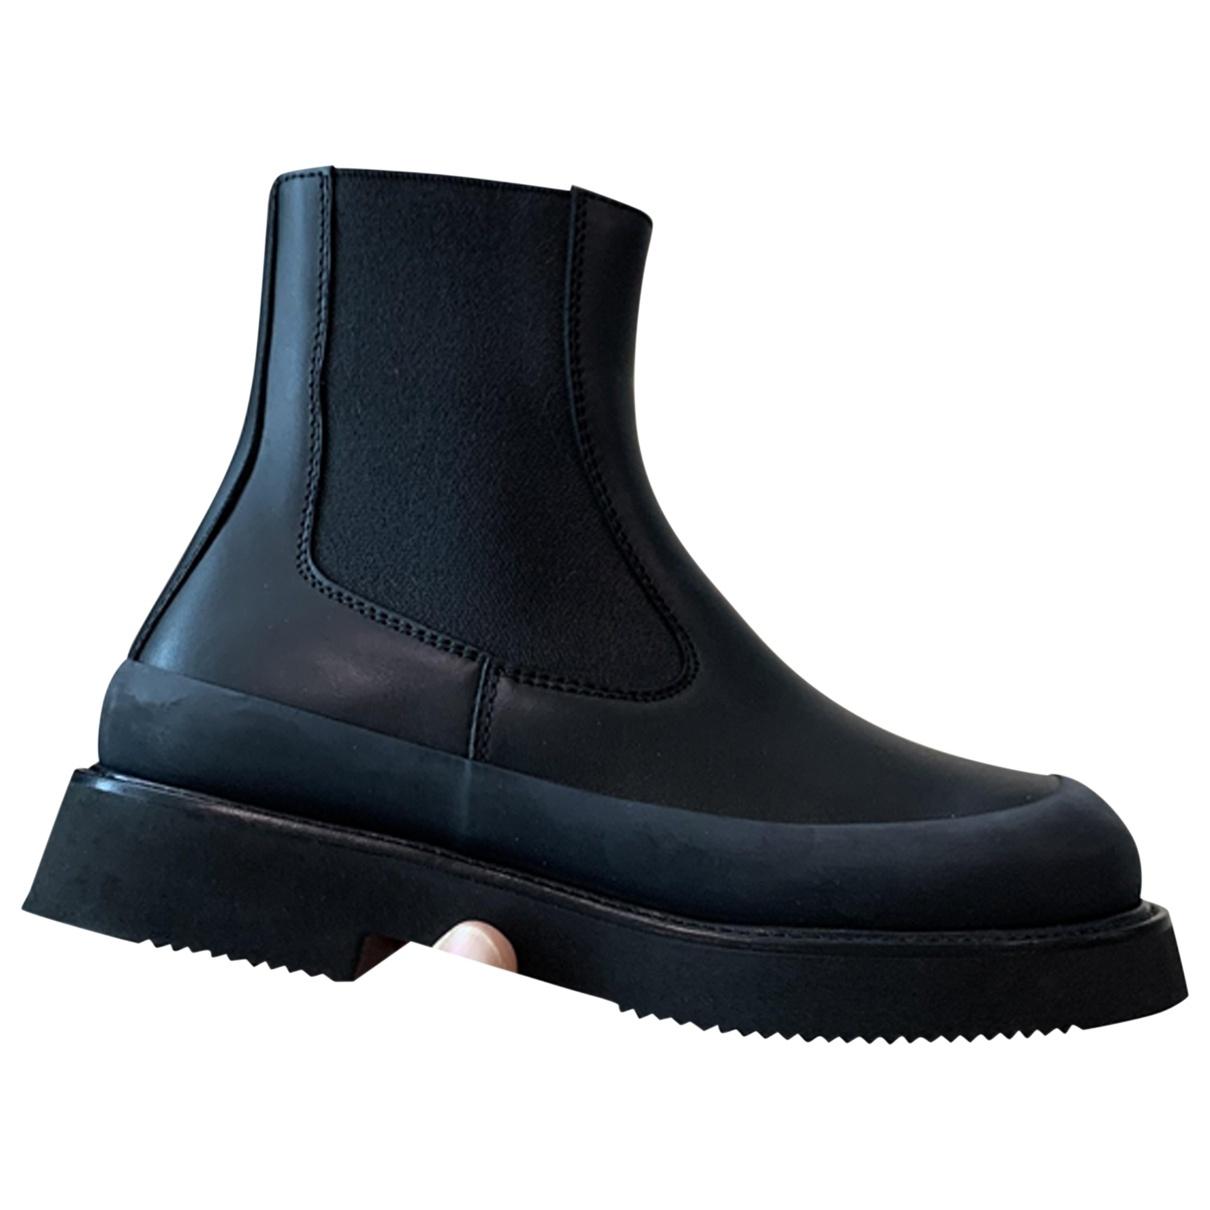 Celine - Boots Country Boots pour femme en cuir - noir